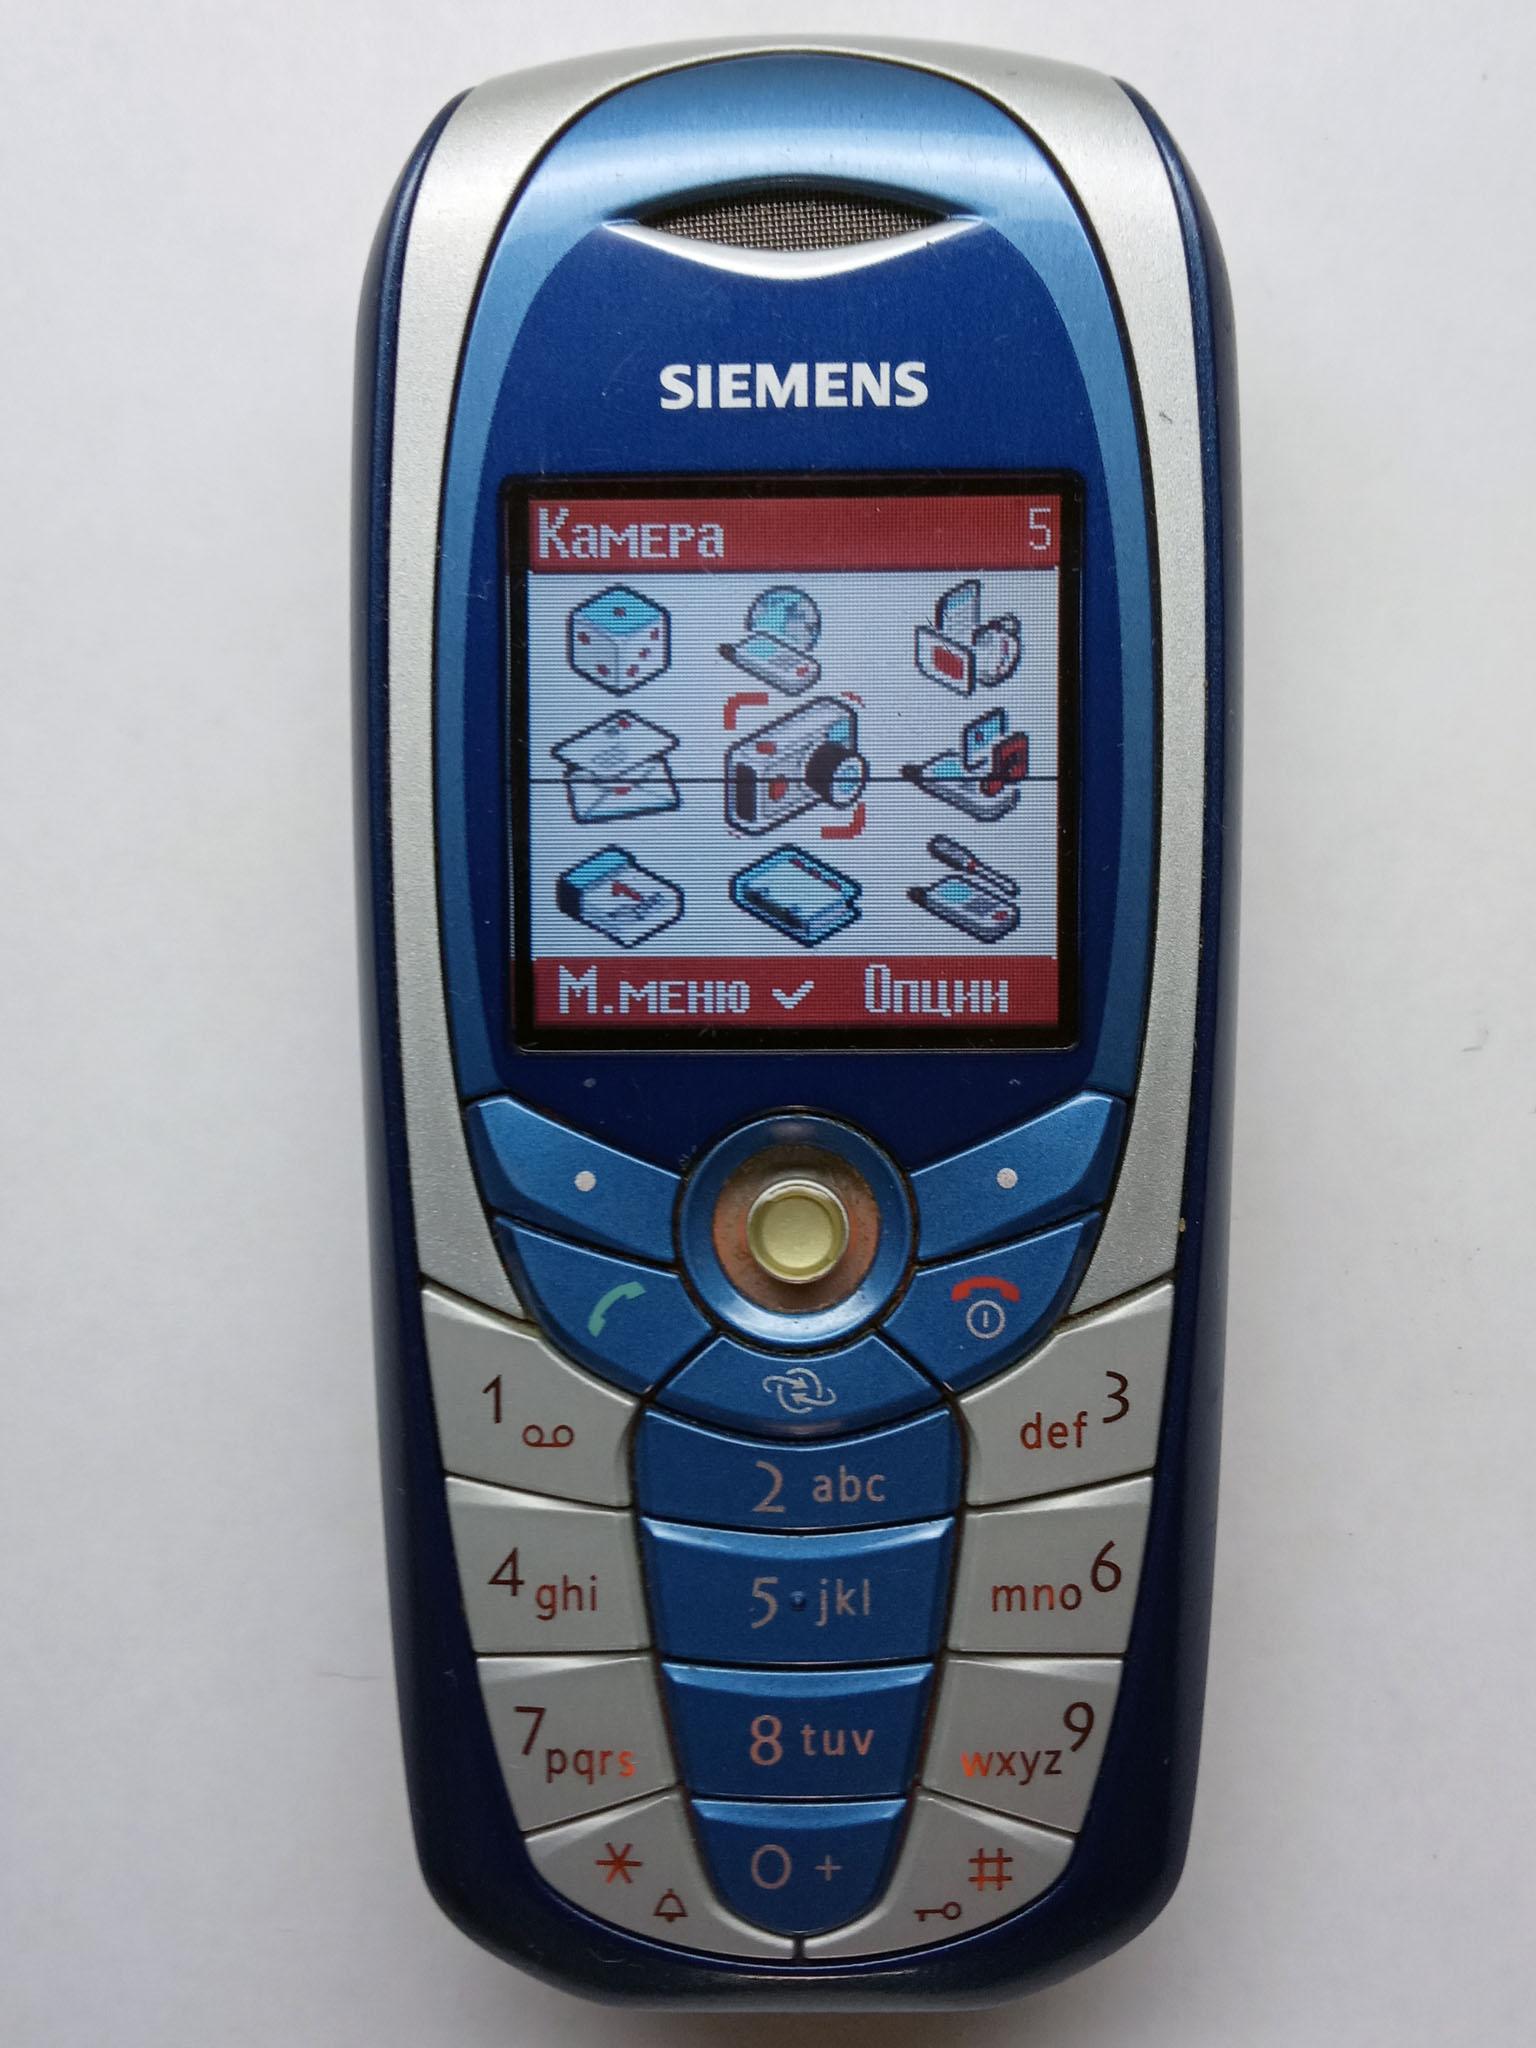 меню Siemens C65 с неродной прошивкой